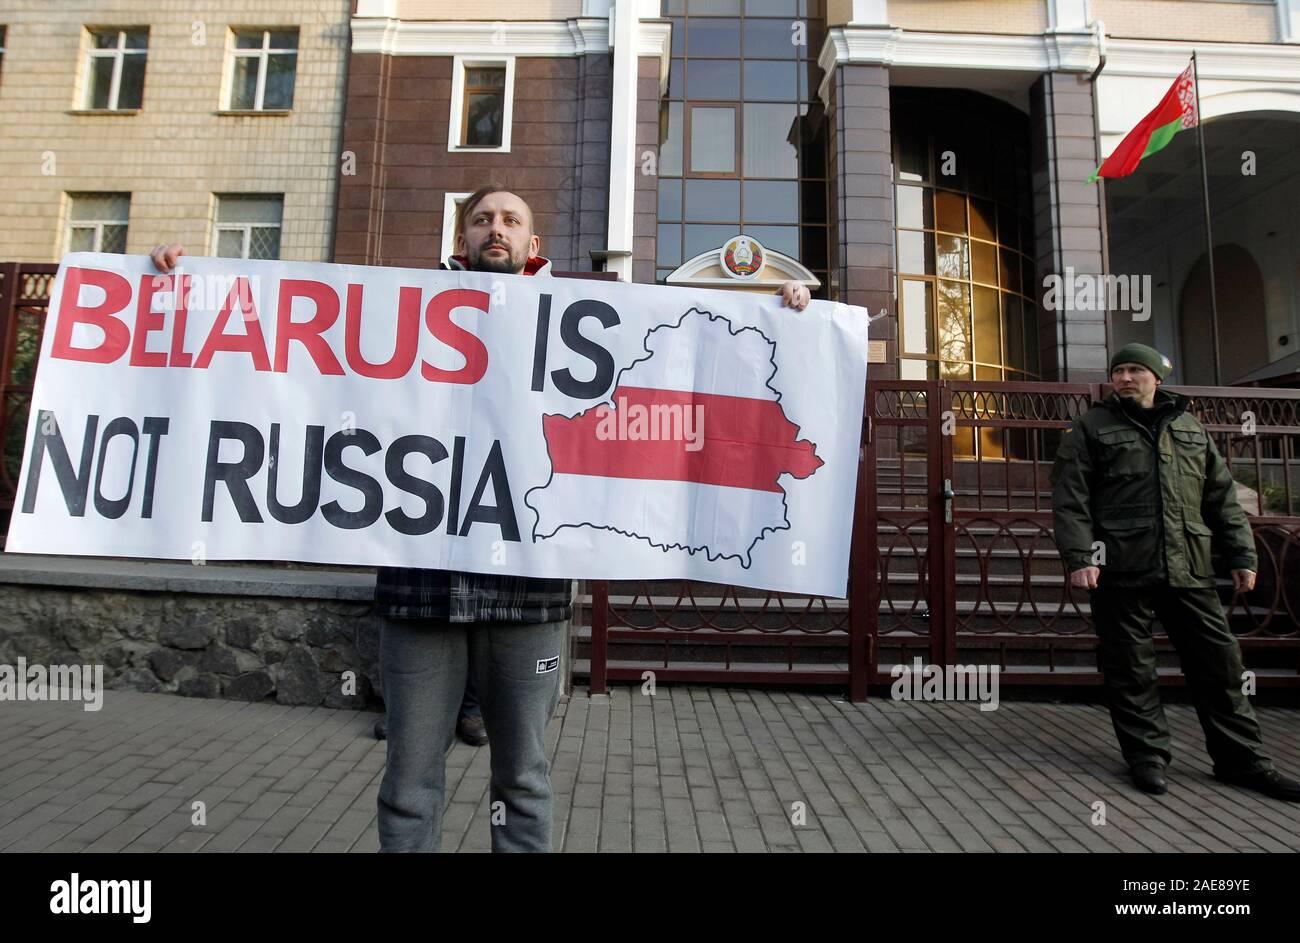 Un militant est titulaire d'un placard pendant une protestation contre la Bielorussie, programme d'intégration à l'extérieur de l'Ambassade du Bélarus à Kiev.manifestants s'opposent à l'intégration de la Biélorussie et de la Russie et d'examiner ce signe un nouvel accord de l'approfondissement de l'intégration peut conduire à perdre le Bélarus son indépendance. Présidents de la Russie et le Bélarus, Vladimir Poutine et Alexandre Loukachenko rencontrer et parler de feuilles de route pour l'intégration des deux pays en cours en Russie le 7 décembre 2019, apparemment par des médias. Banque D'Images